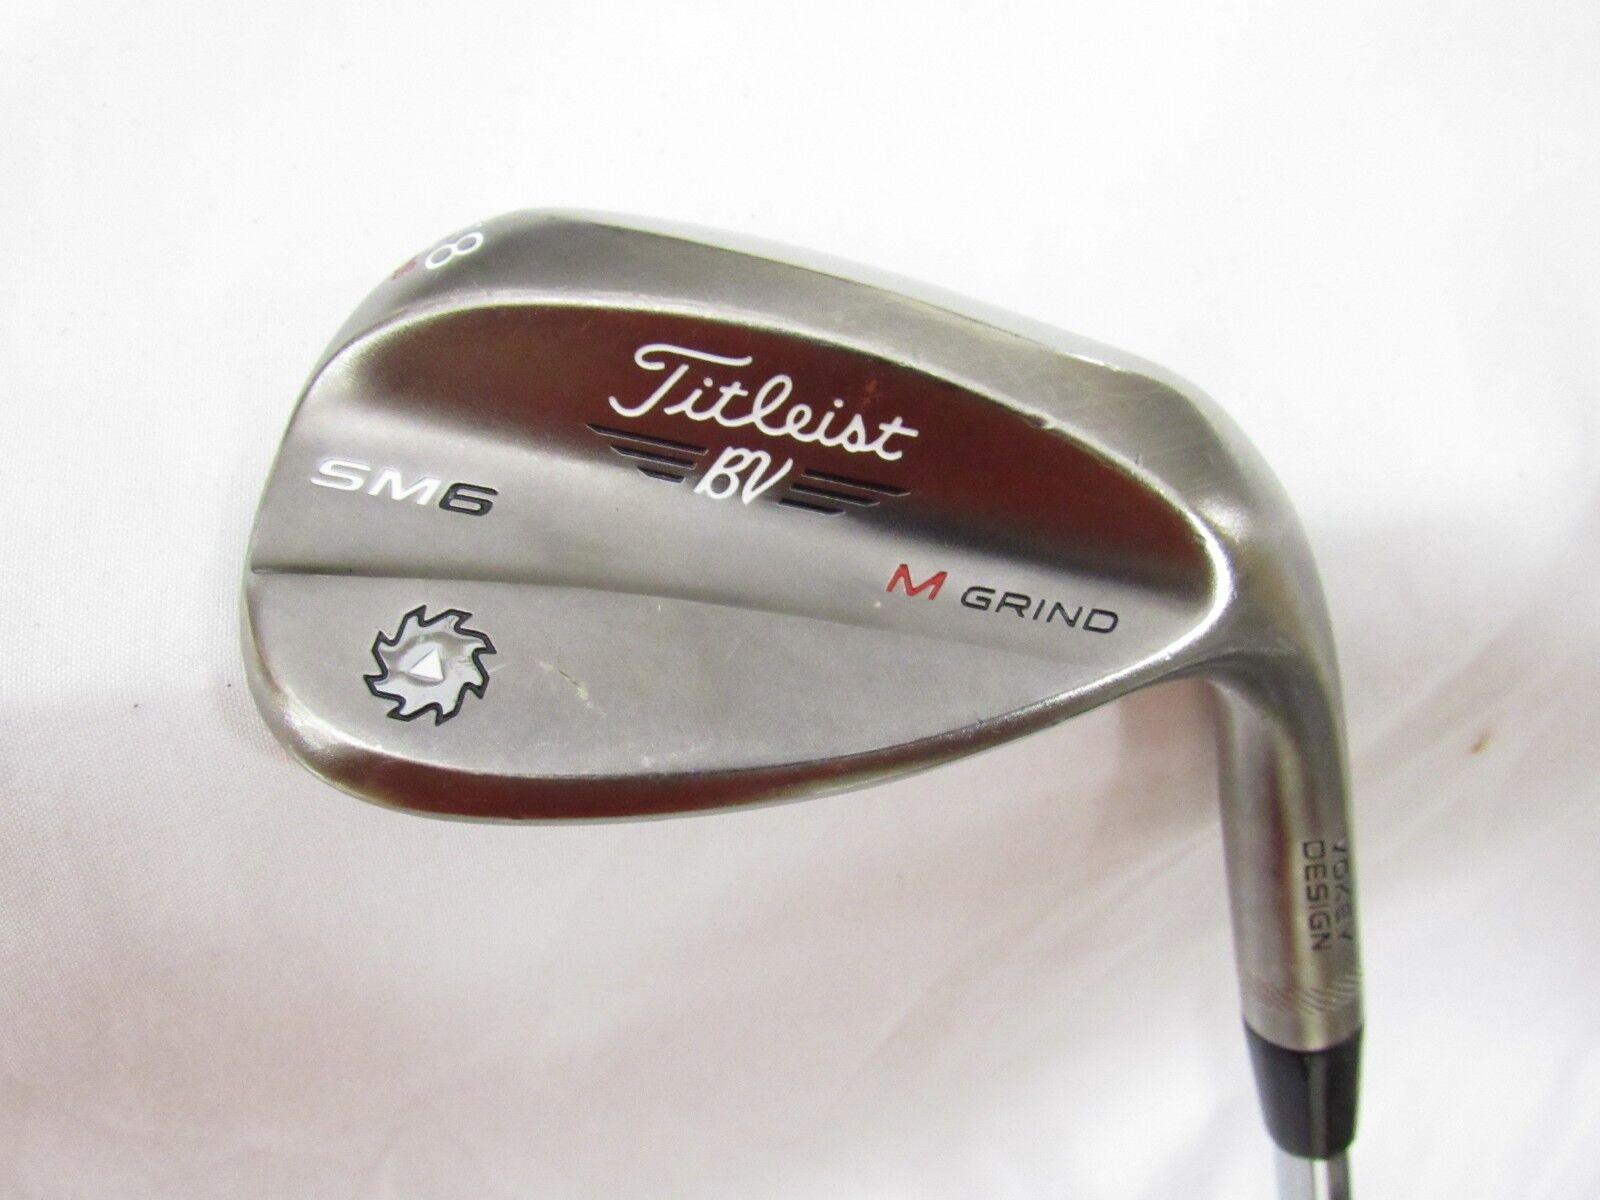 Utiliza la mano derecha  Titleist Vokey SM6 M gris 58.08  cuña Titleist BV Cuña De Acero W Flex  comprar barato